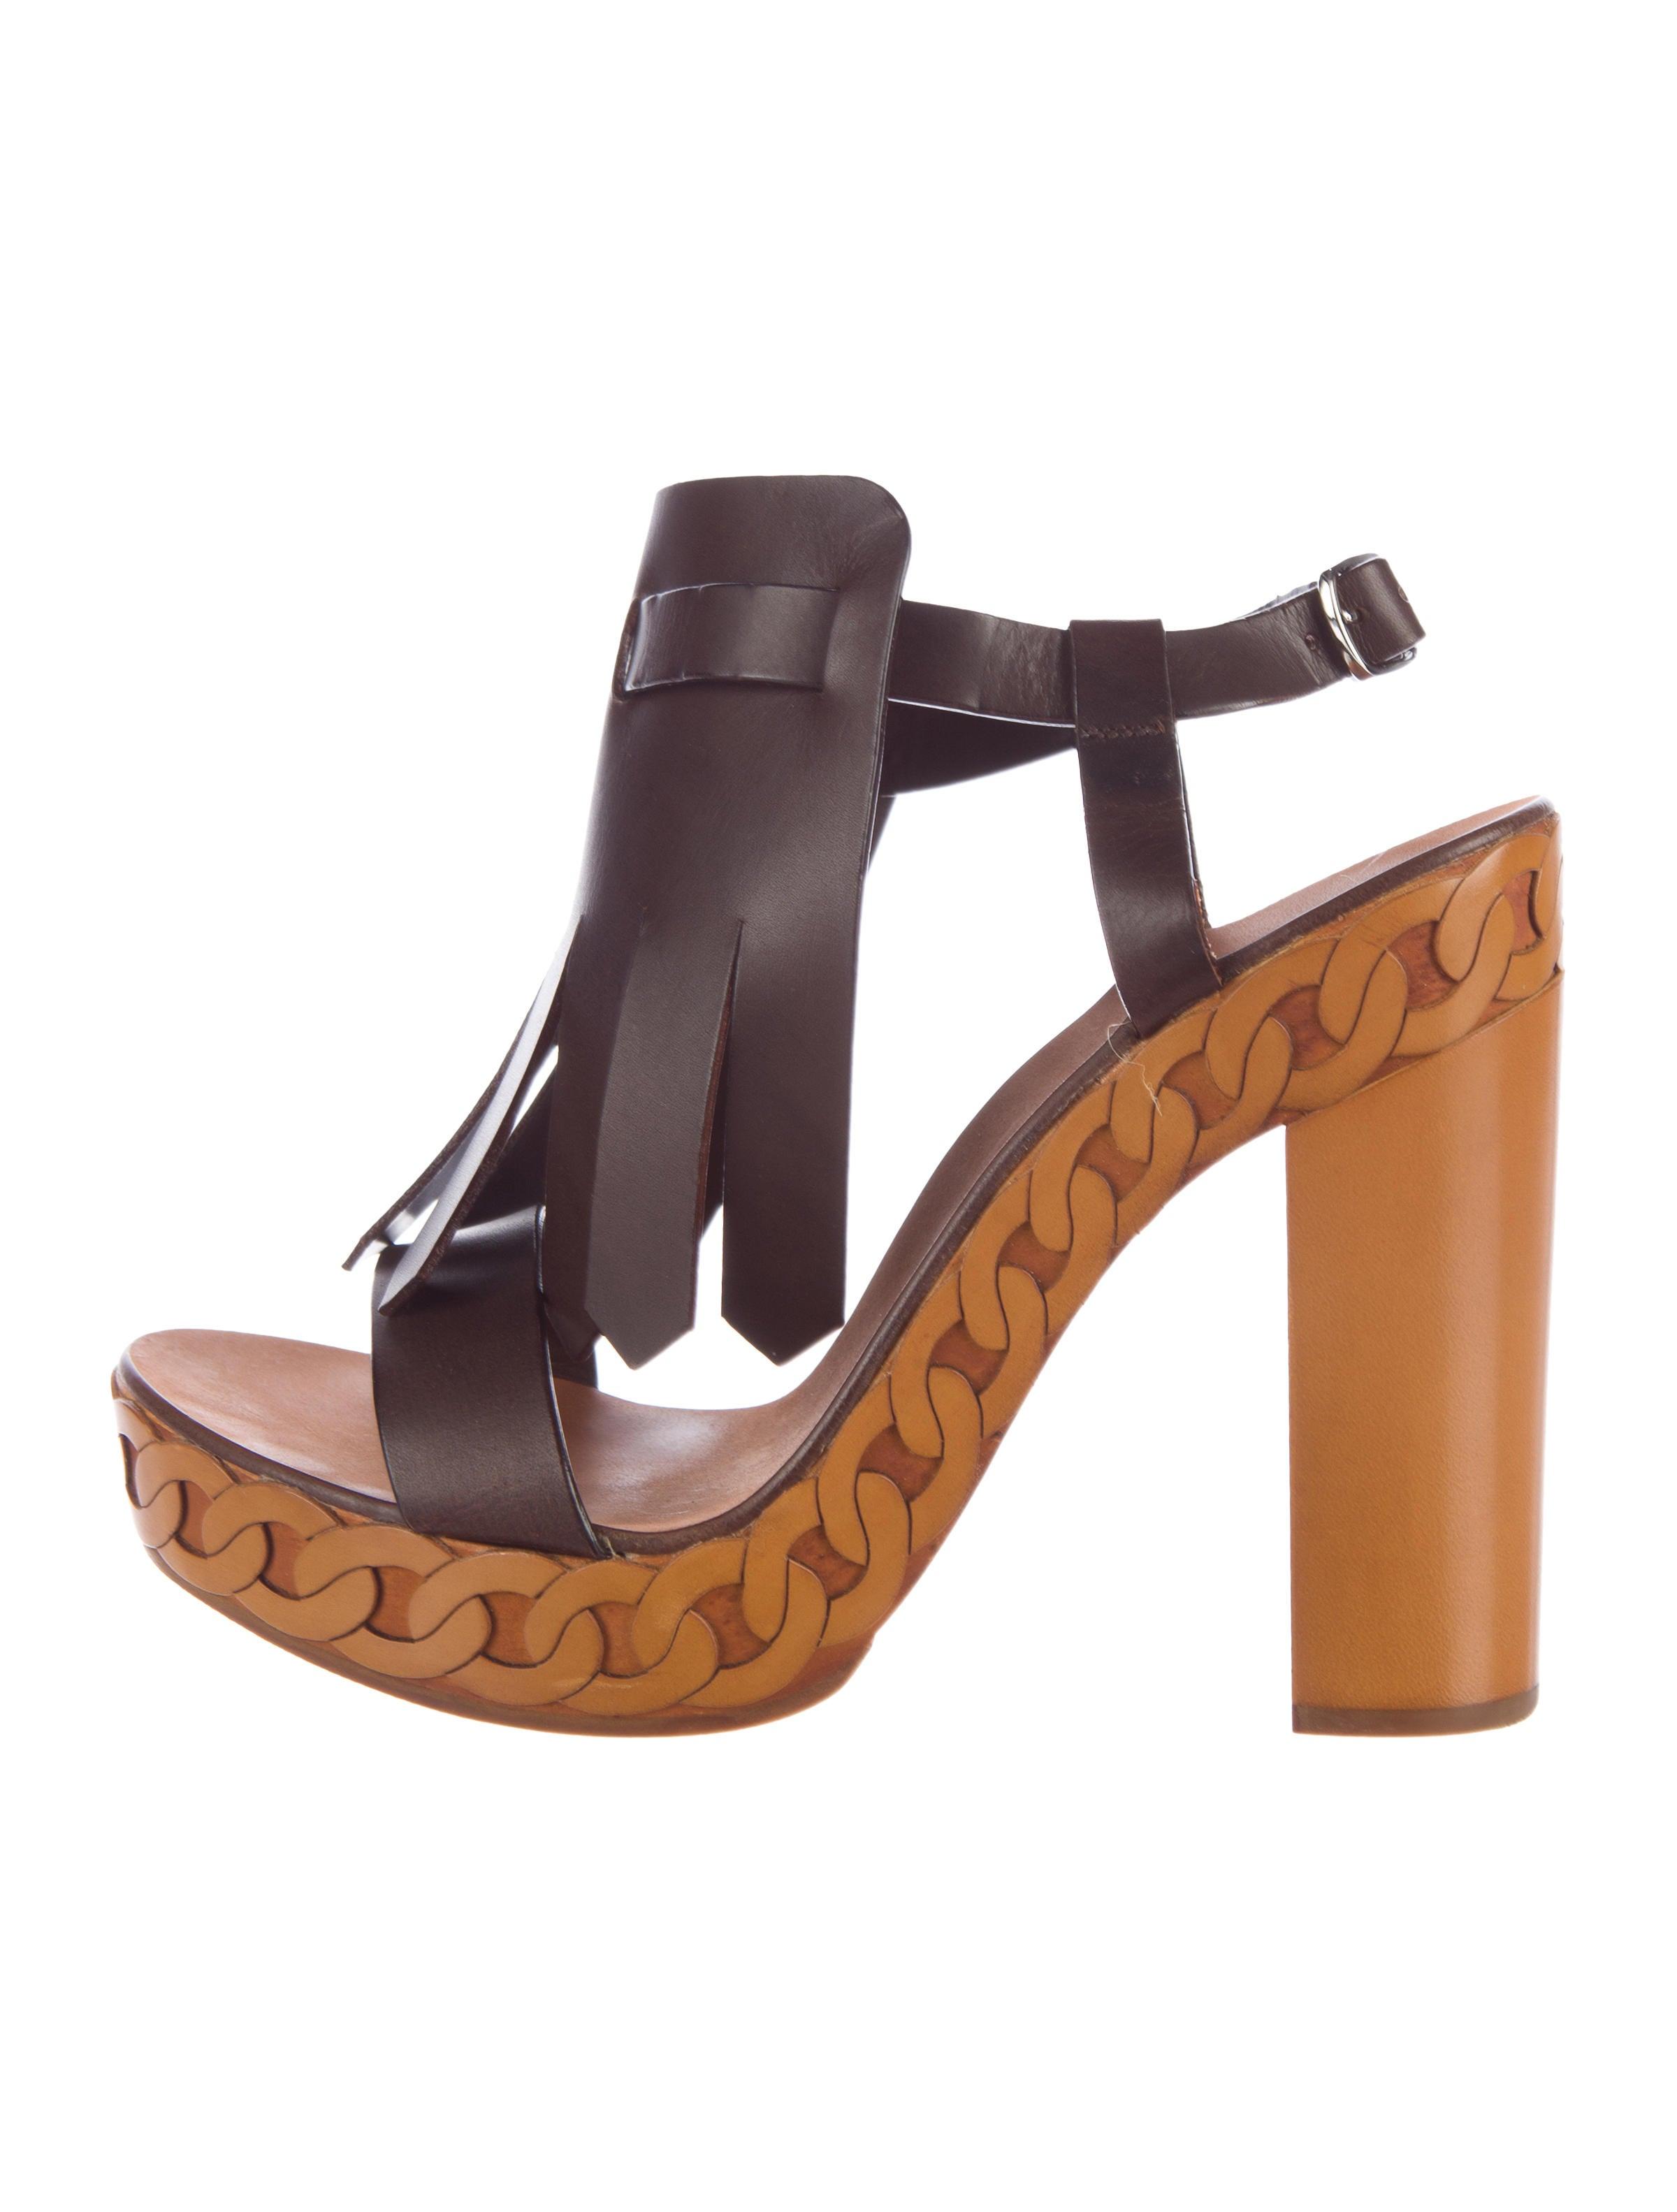 Casadei Kiltie Platform Sandals websites view sale online cheap visit 1AJngD1ux